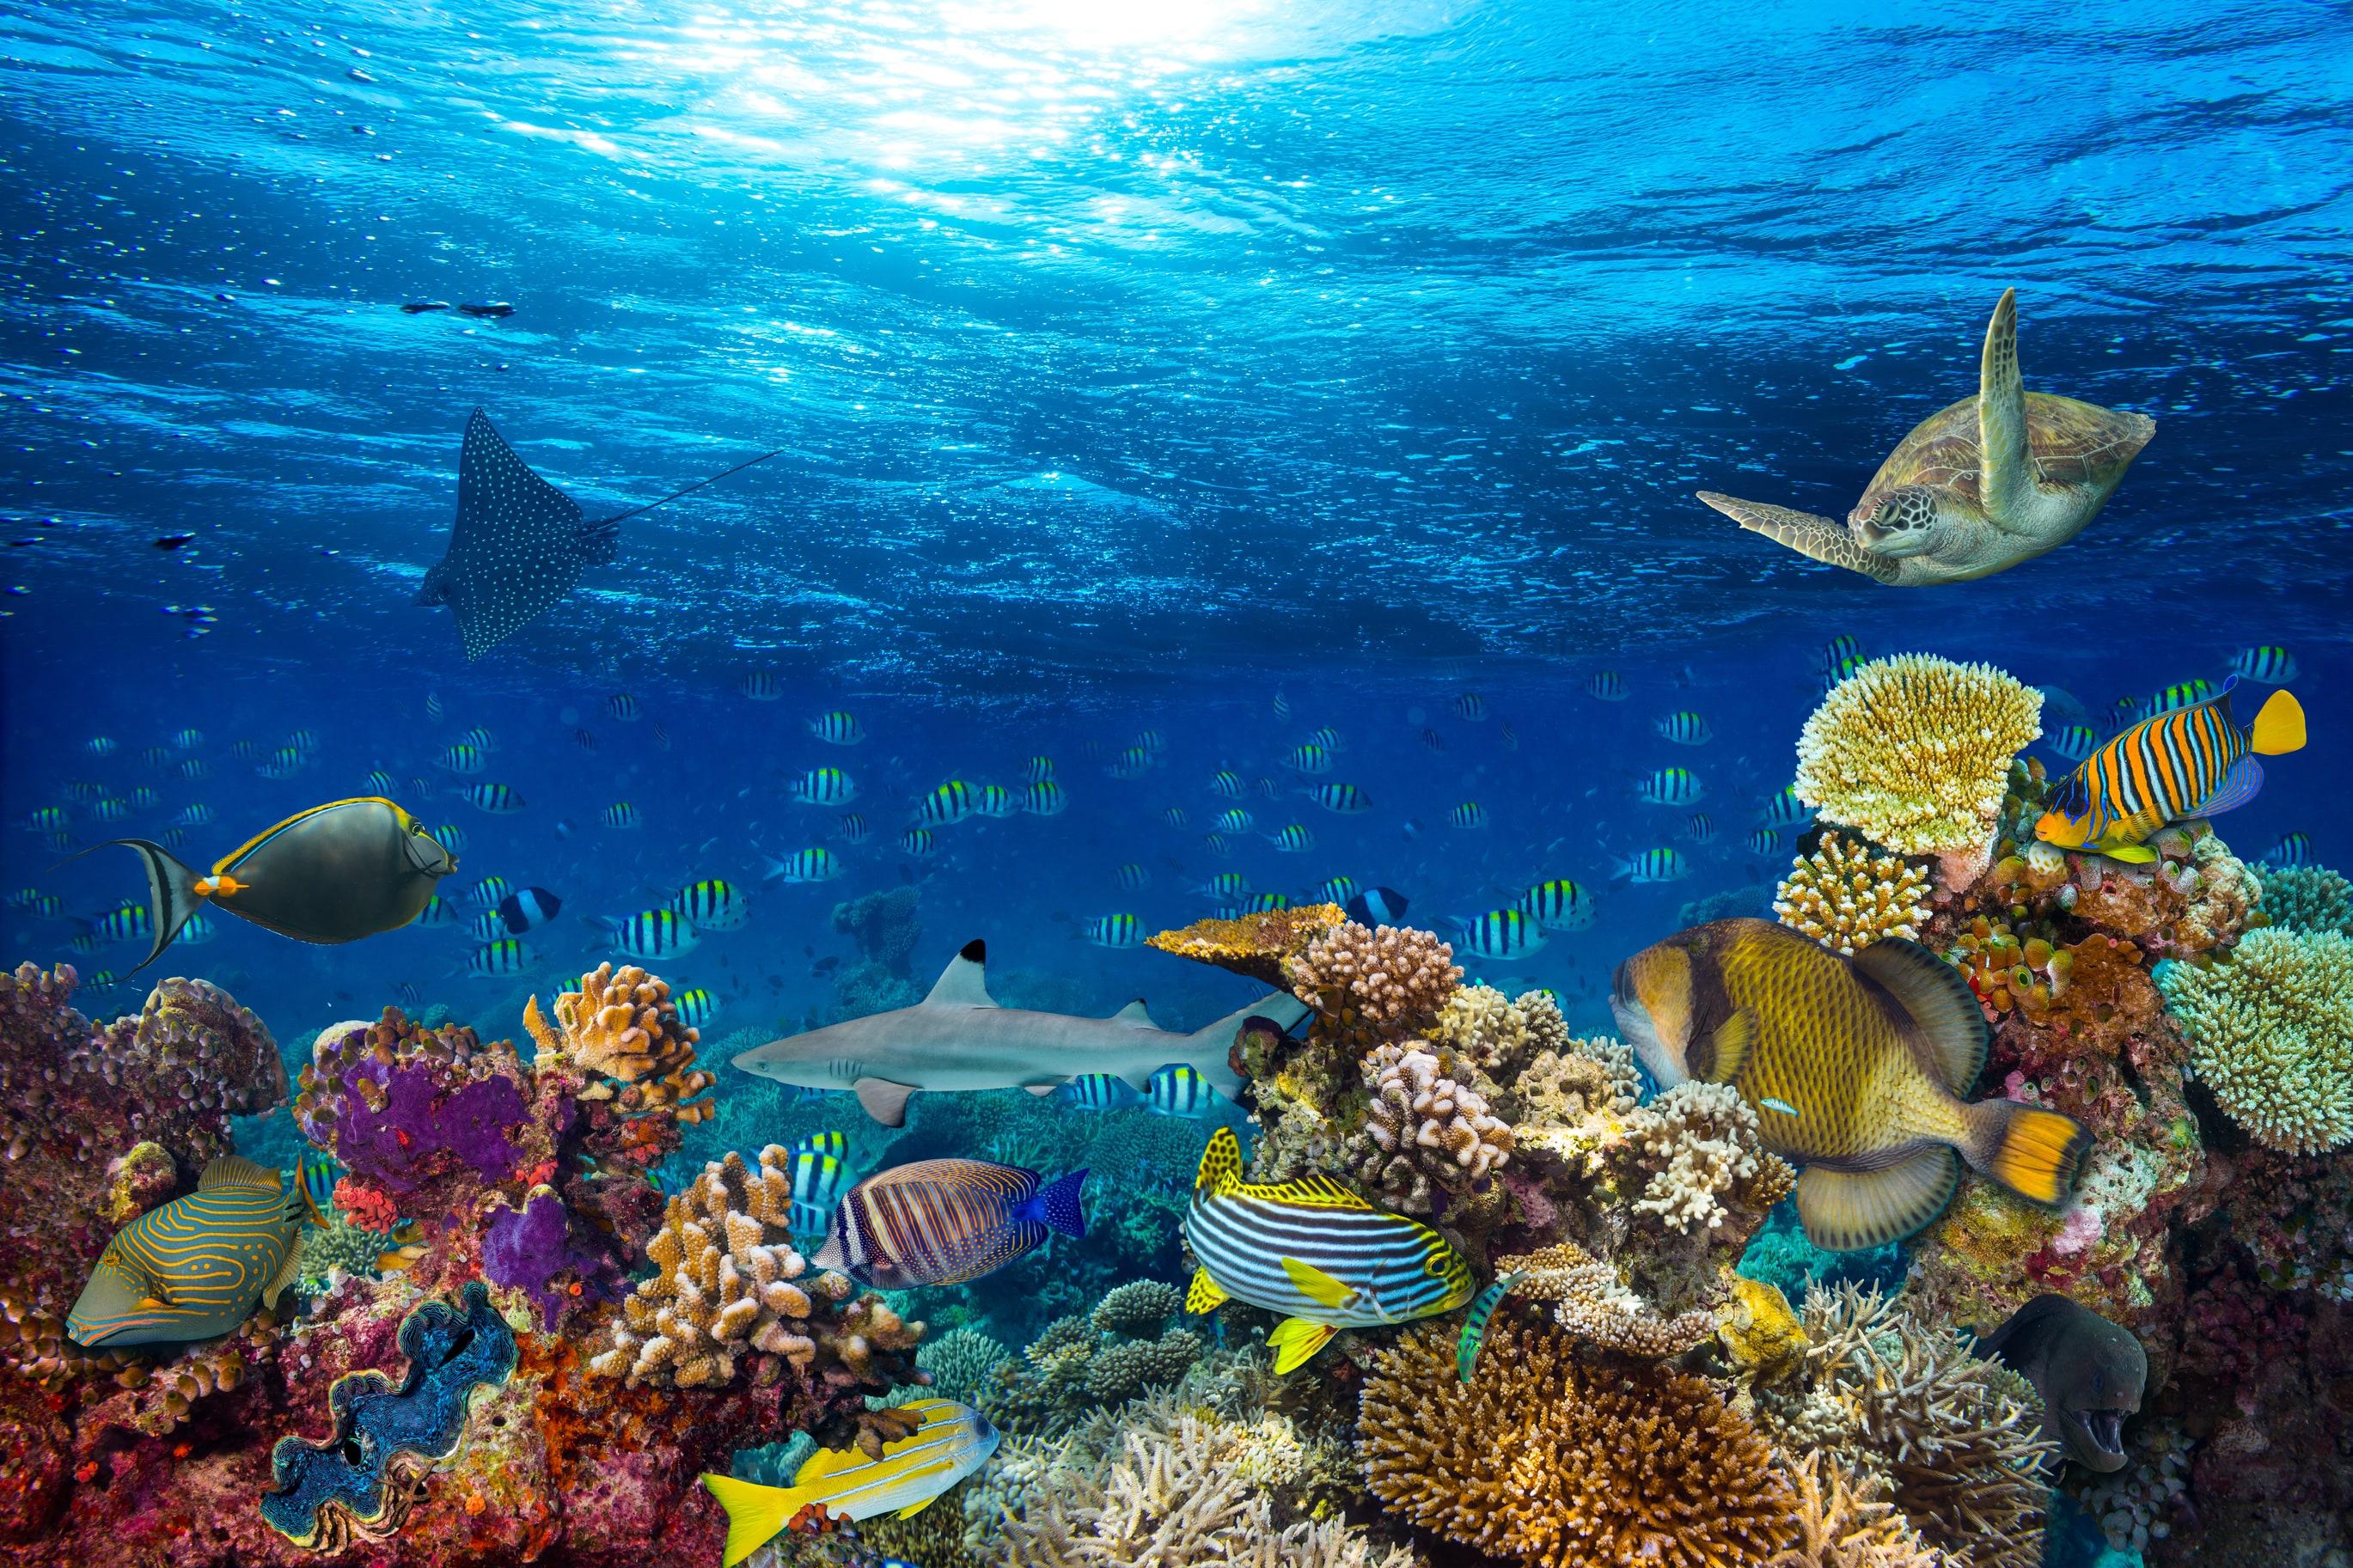 Underwater-Coral-Reef-Paradise-1